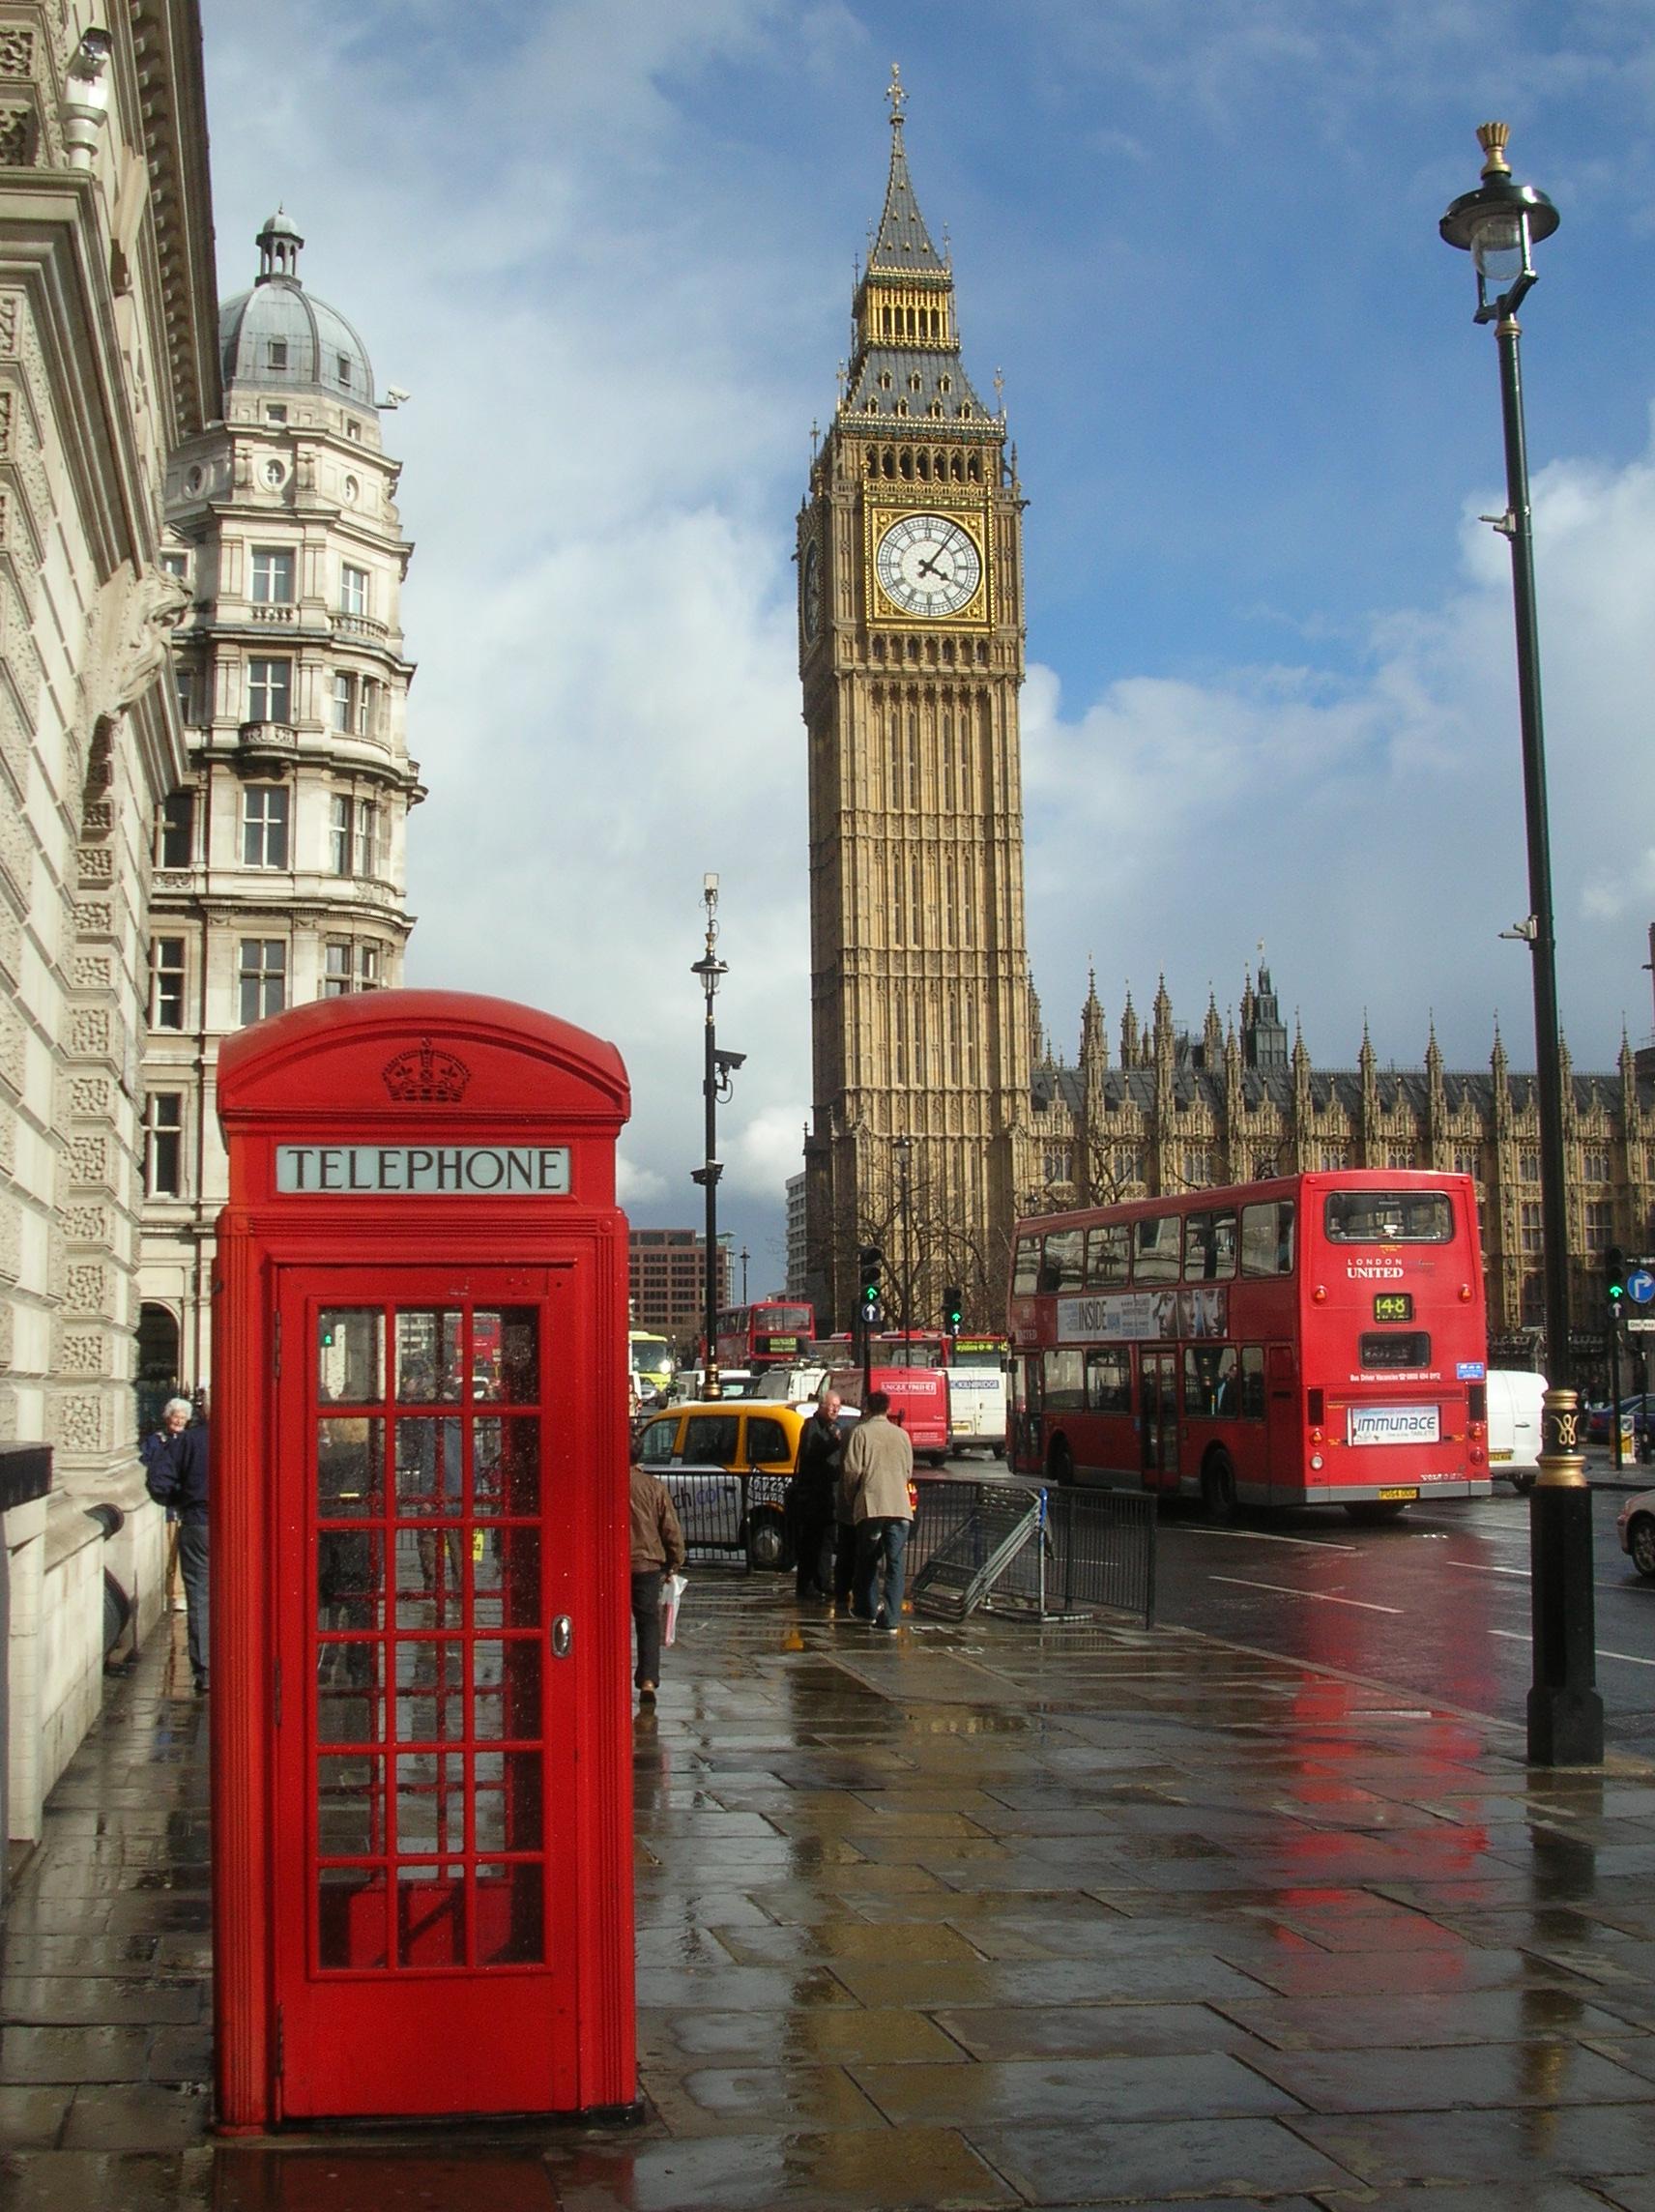 ロンドンで電話ボックスを利用した路上販売をはじめたパキスタン人・フィリピン人夫婦の話